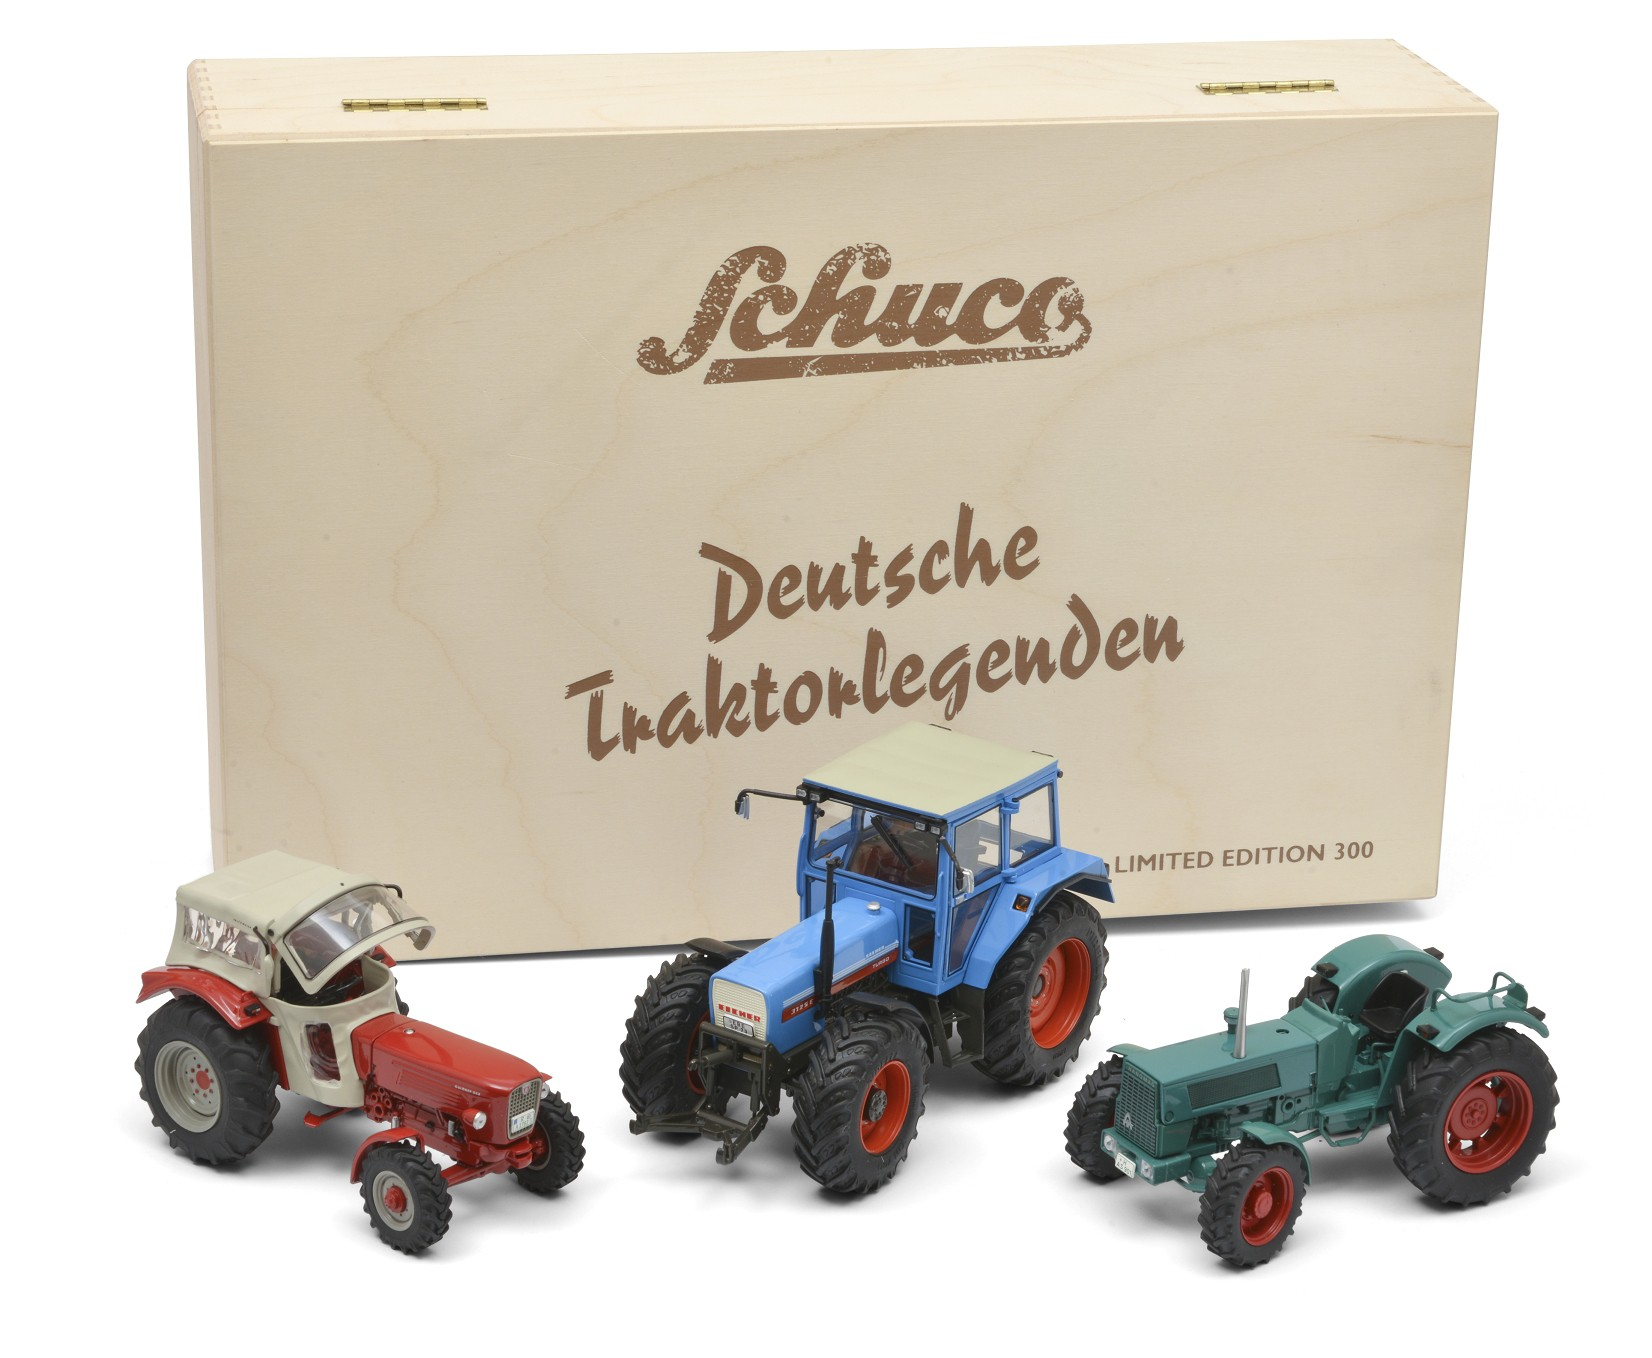 Schuco 07658 Set Traktorlegenden in Holzkiste 1:32 - Limited Edition 300